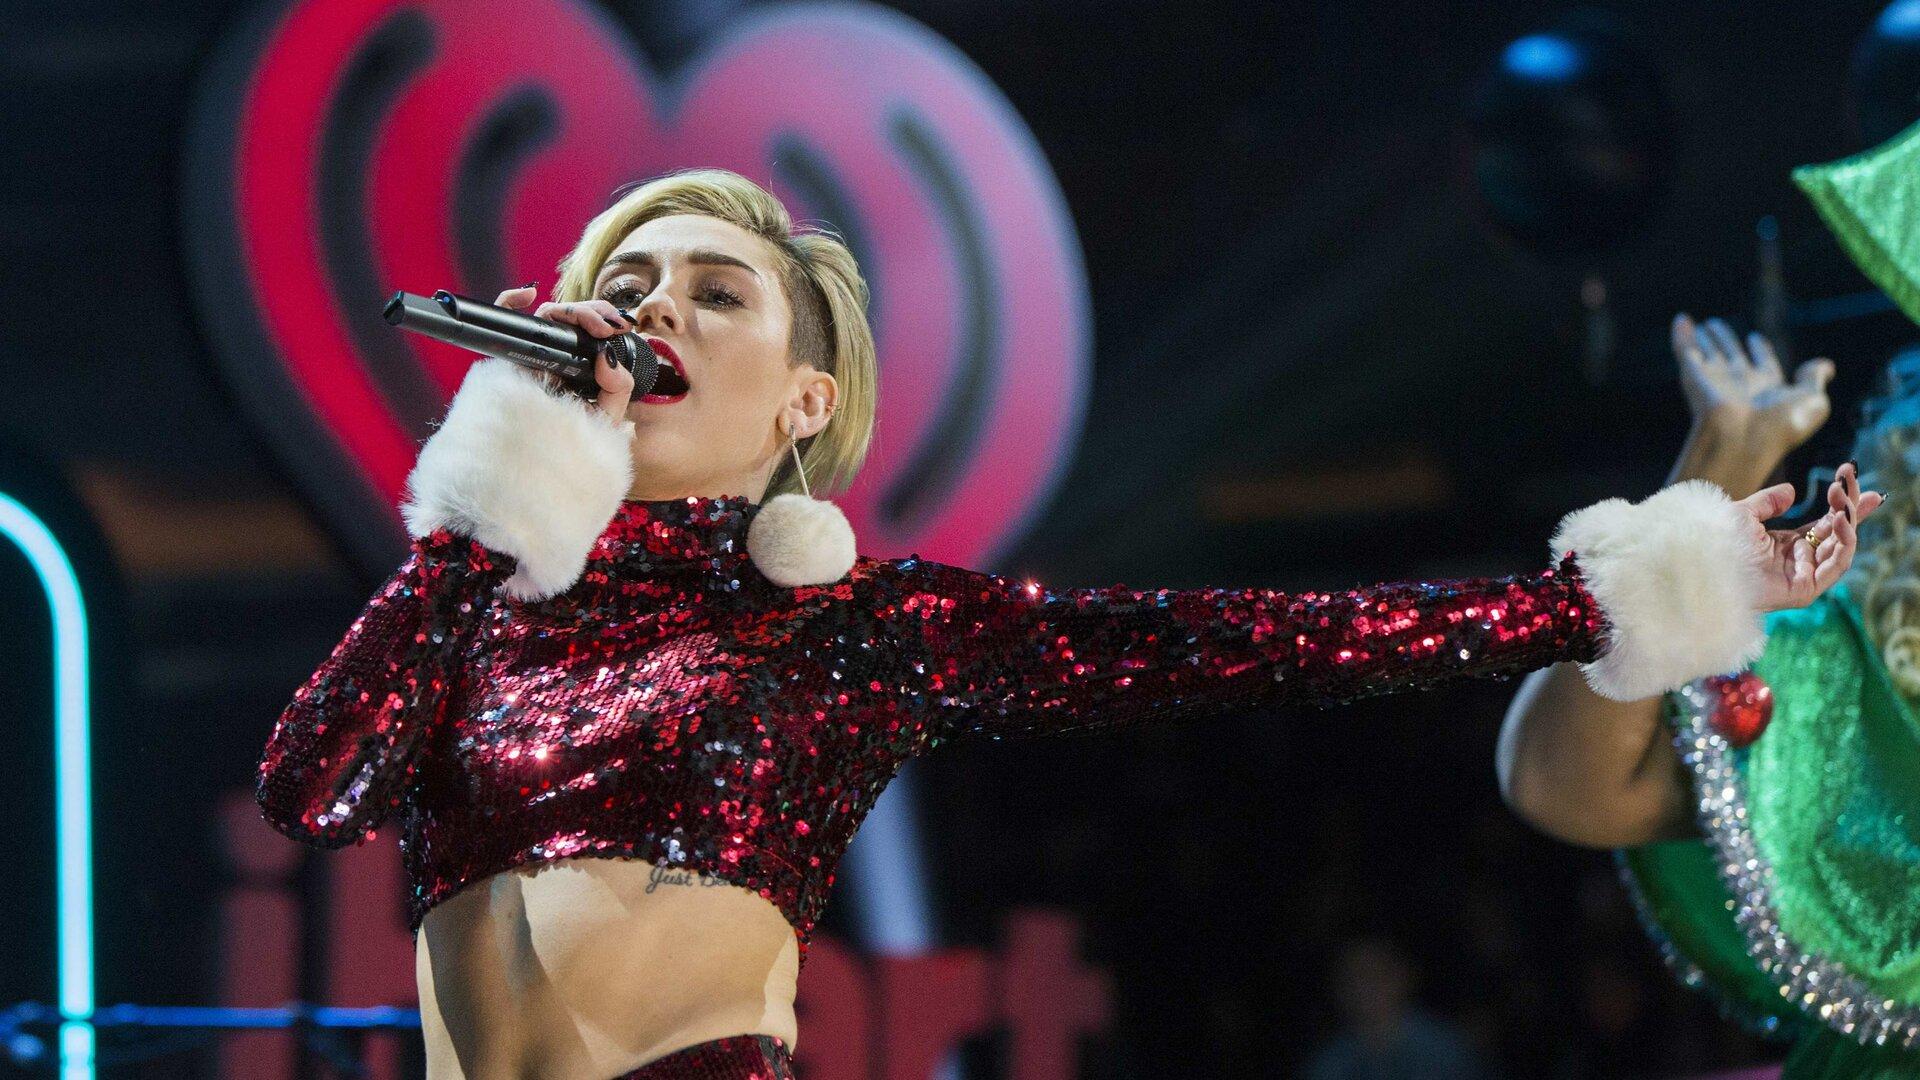 Ilustracja przedstawia koncert muzyki pop. Ukazana jest amerykańska piosenkarka Miley Cyrus. Kobieta ubrana jest  wczerwony, cekinowy kostium.